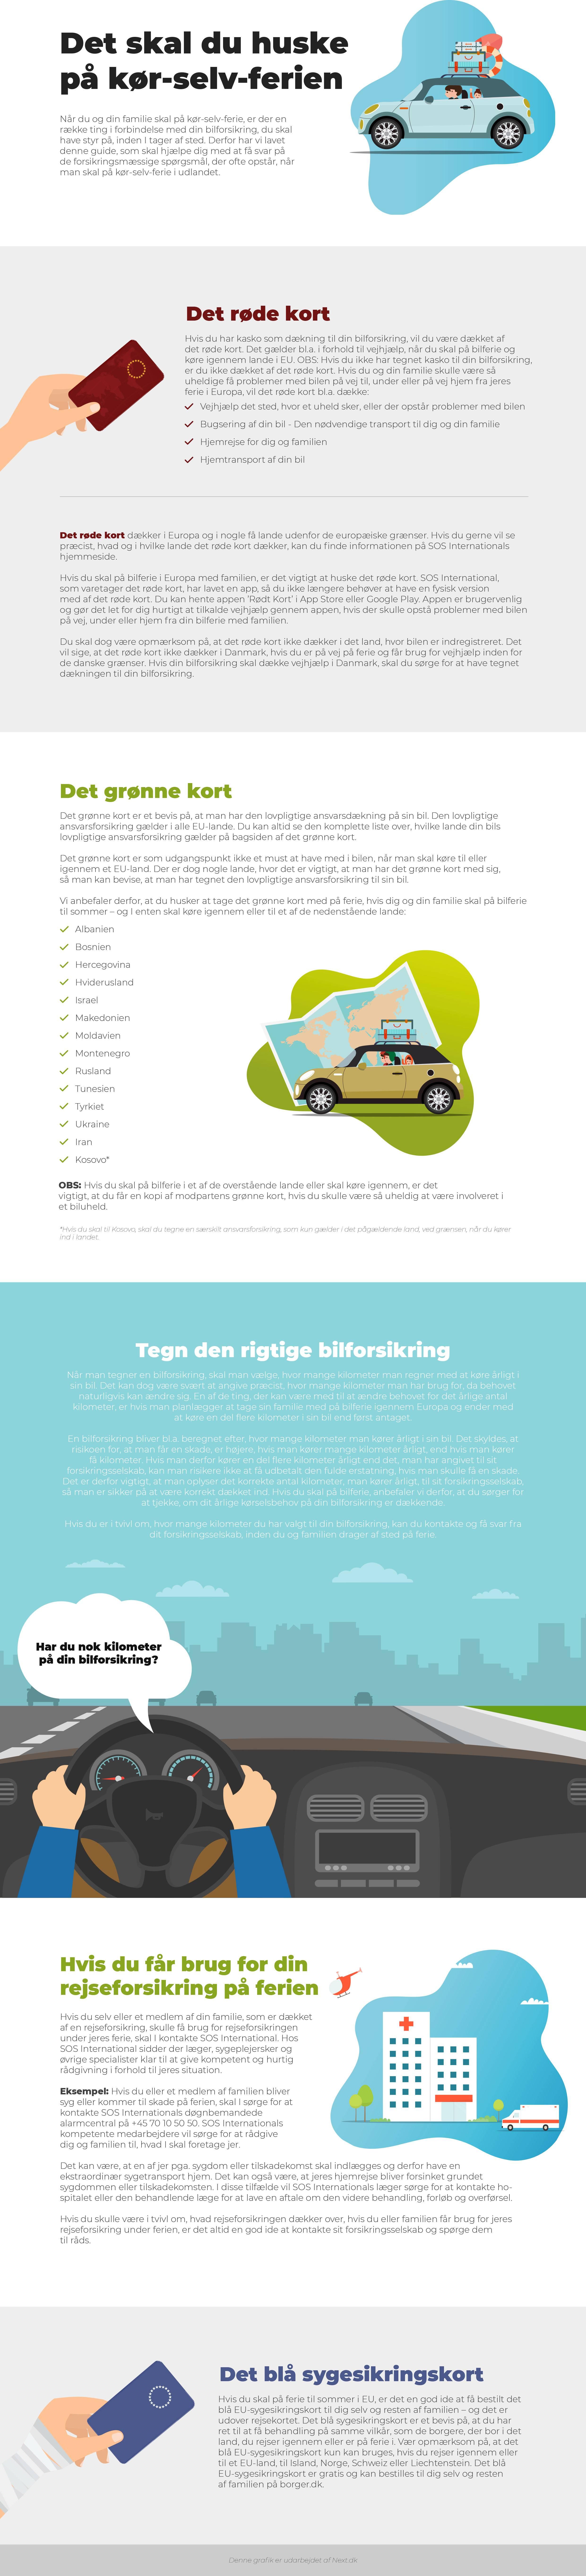 Infografik Det skal du huske på kør selv ferien - Vidste Du? - Køreferie.